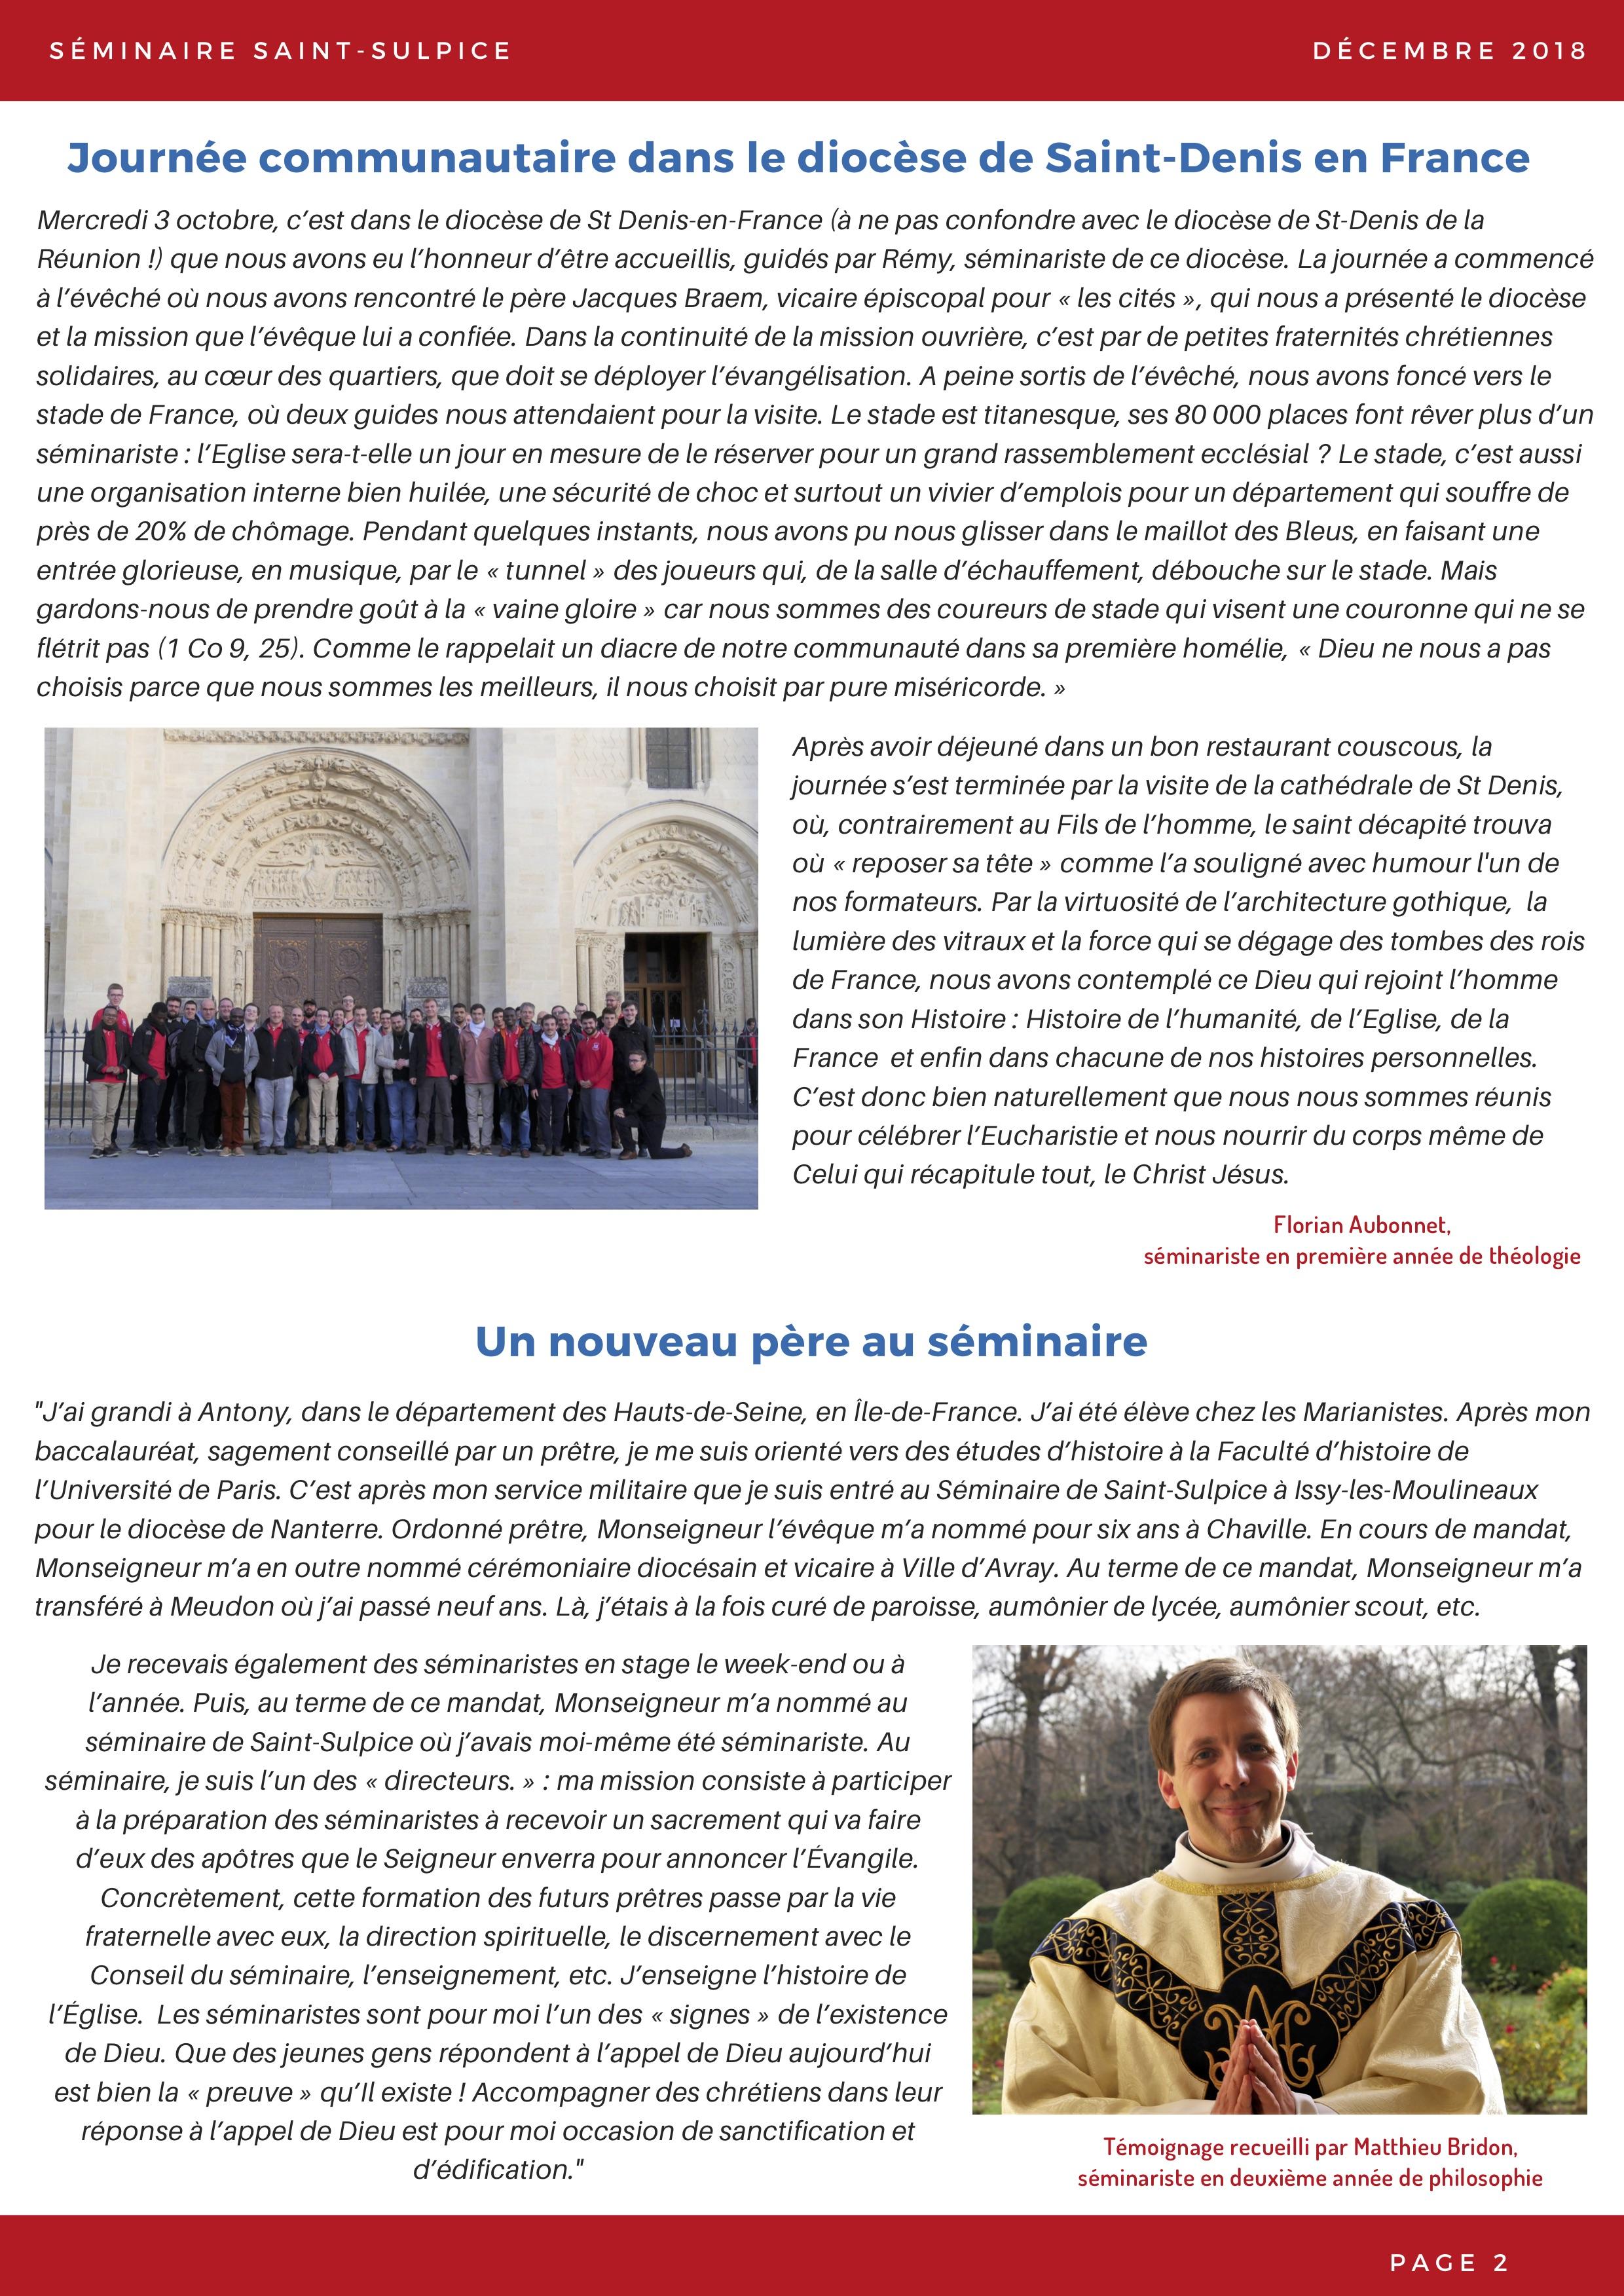 Newsletter Séminaire Saint-Sulpice décembre 2018 - p2